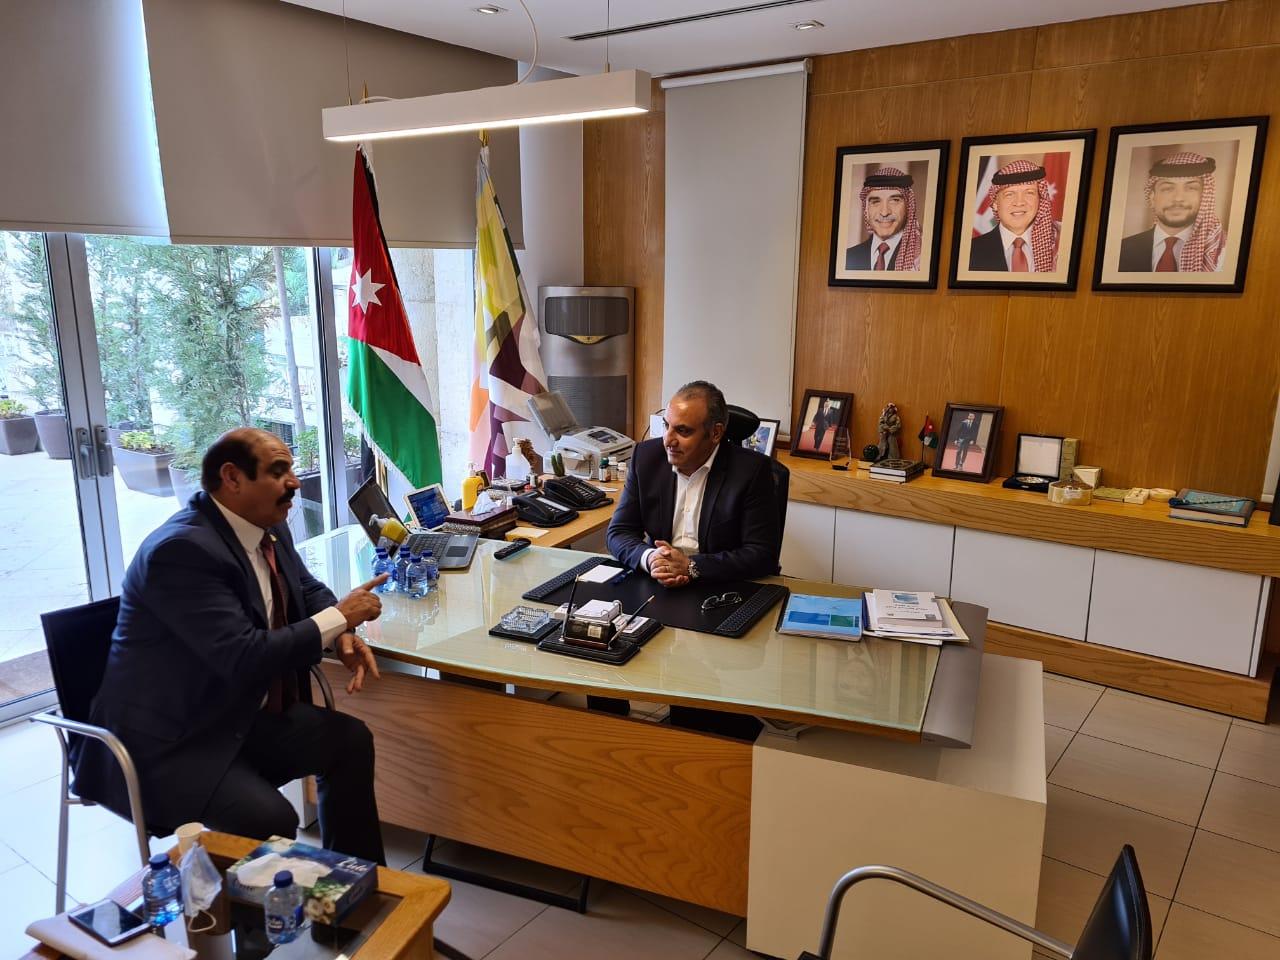 أمين عمان يلتقي رئيس اتحاد الكُتّاب والأُدباء الأردنيين